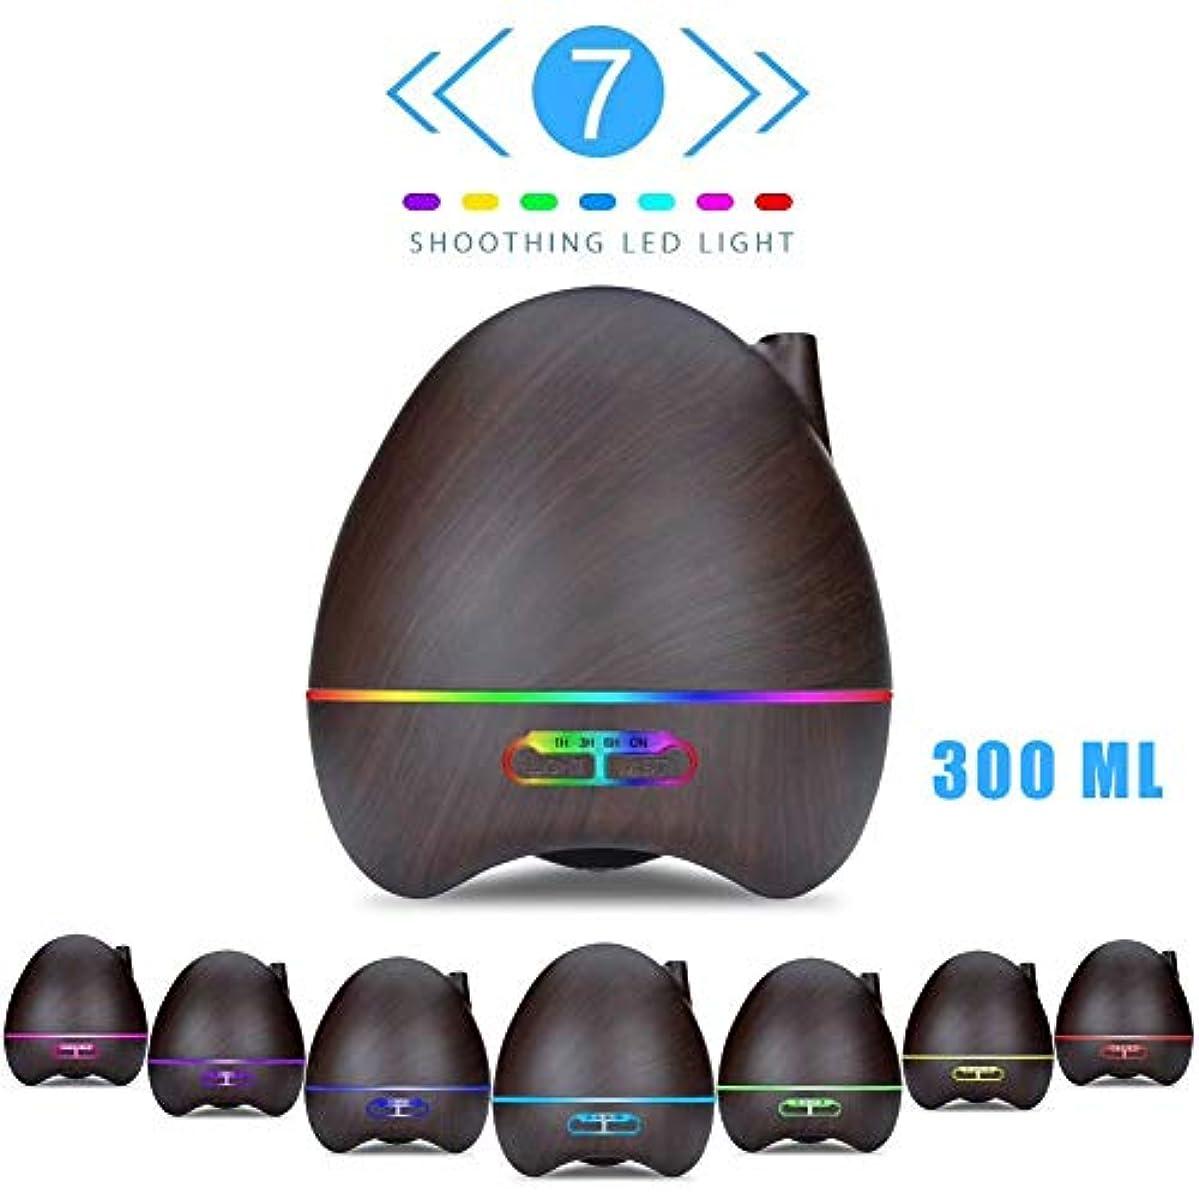 しわひねりギャラリーエッセンシャルオイルディフューザー、300ml木目アロマセラピーディフューザー調節可能なミストモードのクールミストアロマ加湿器7色LEDライト